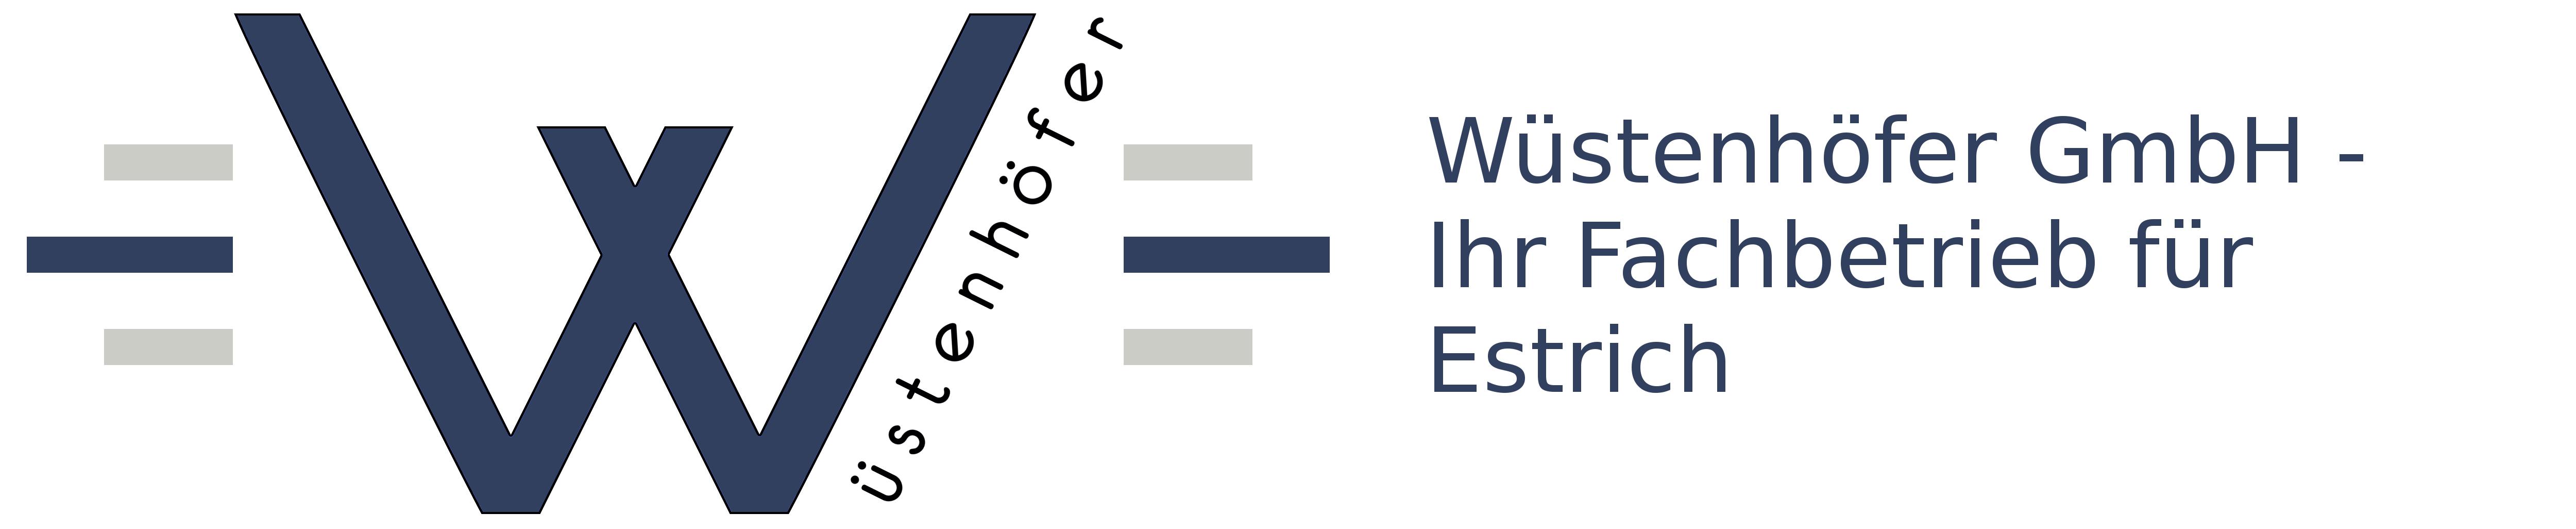 Wüstenhöfer GmbH